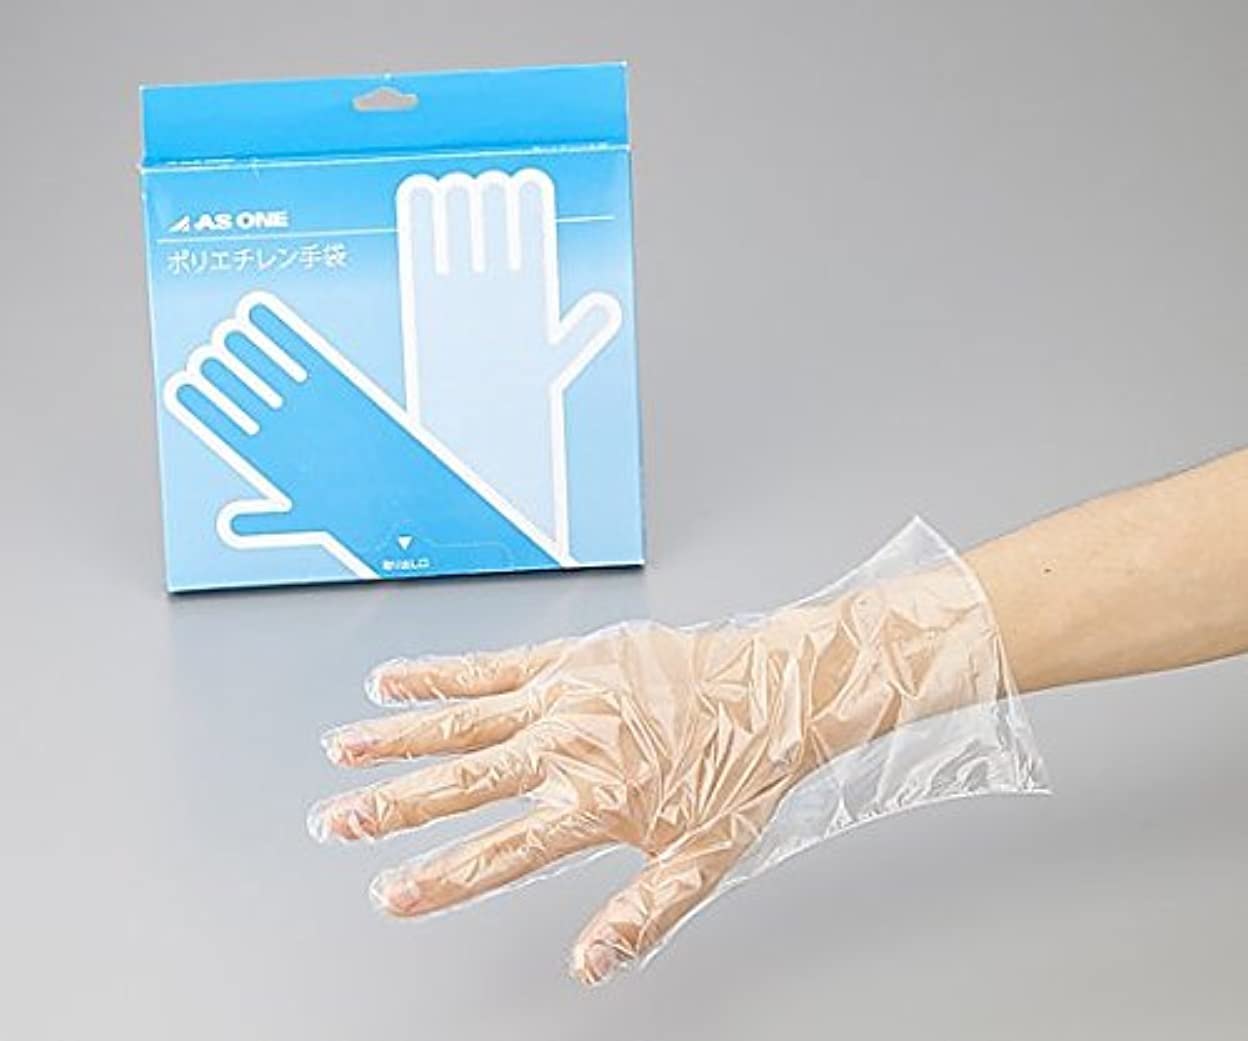 差し引くパパプロトタイプアズワン2-4973-01ポリエチレン手袋スタンダード標準厚L100枚入